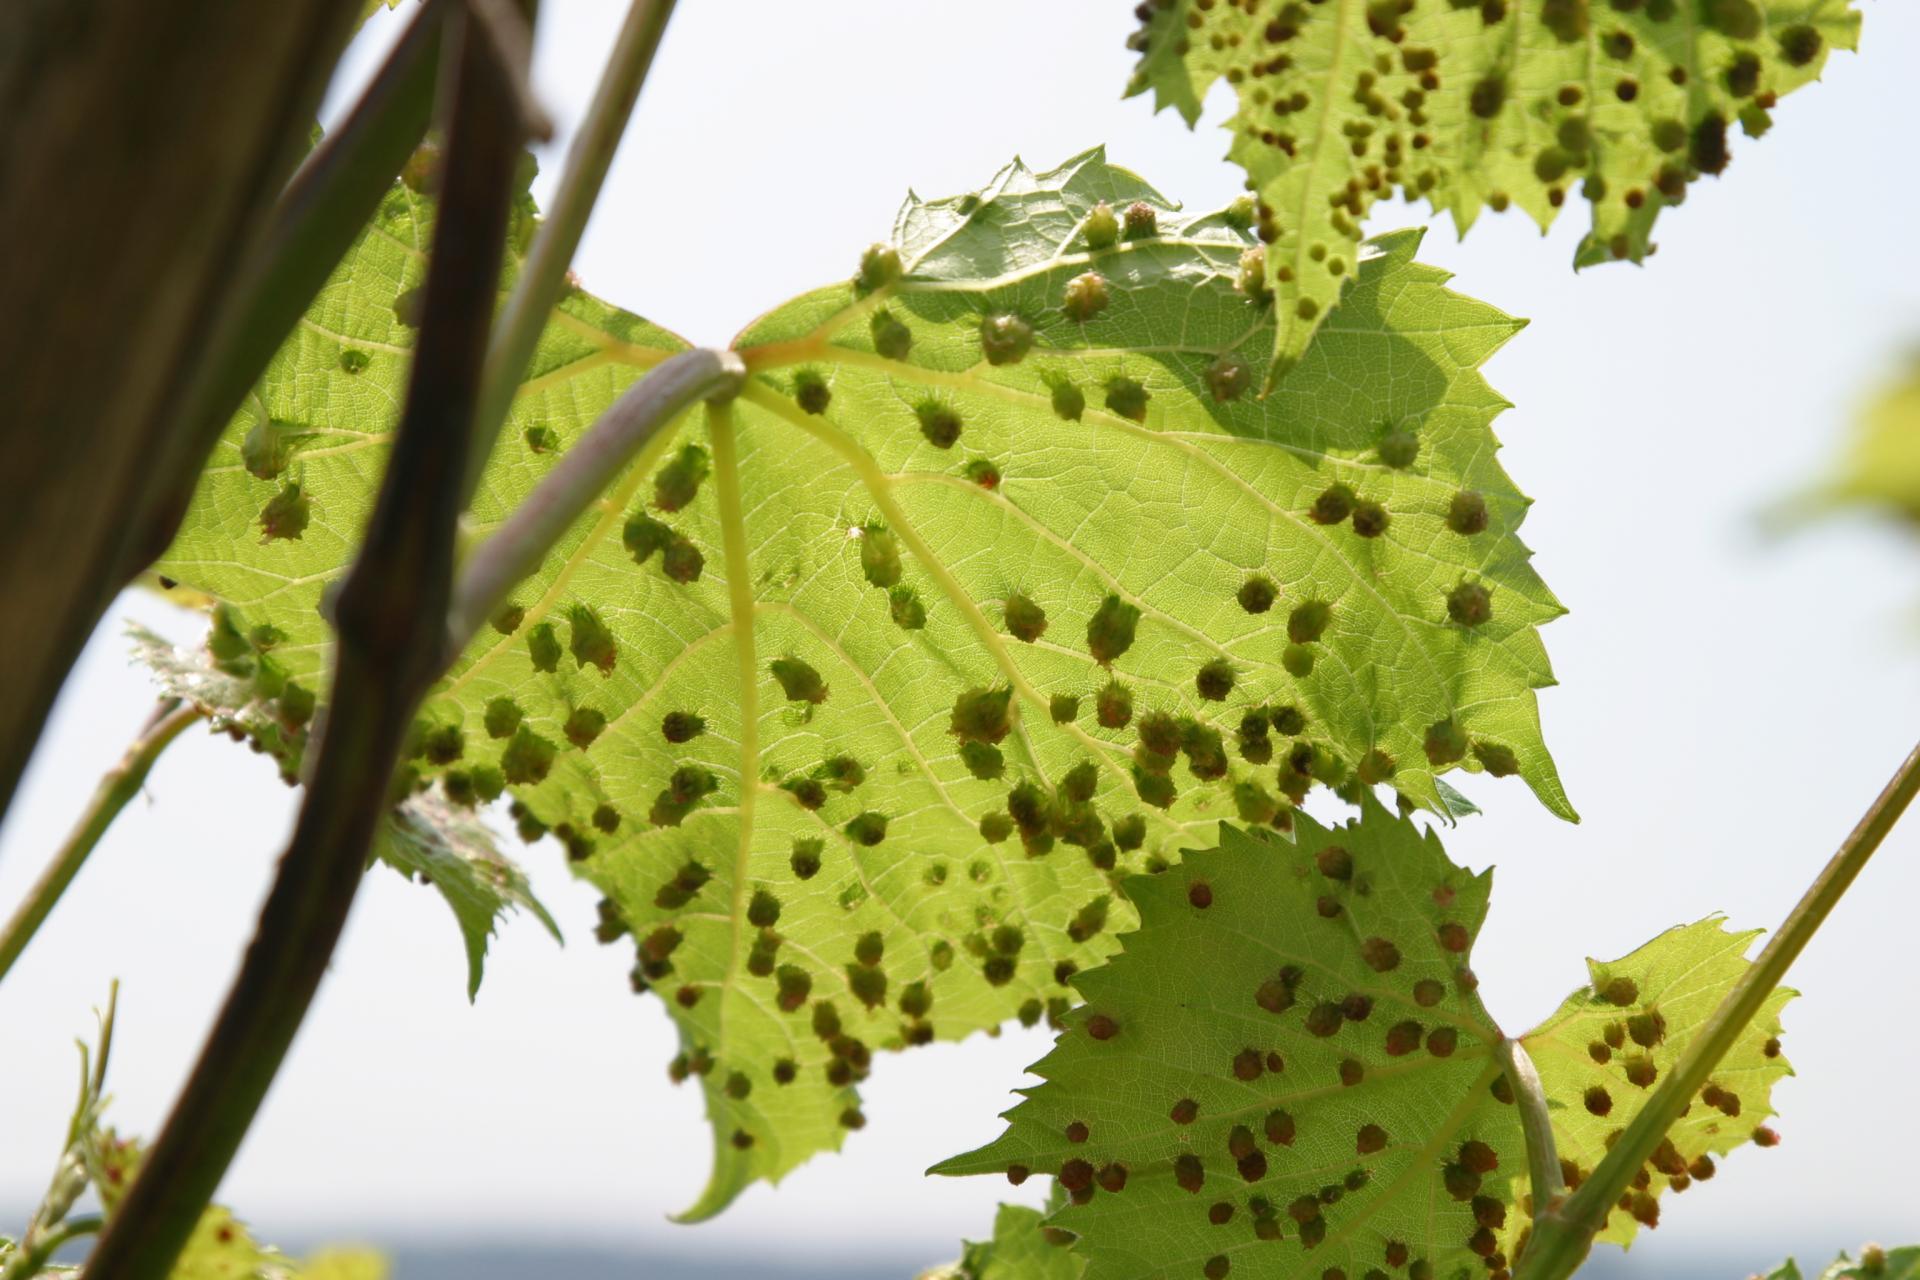 Филлоксера или виноградная тля – опасный вредитель винограда